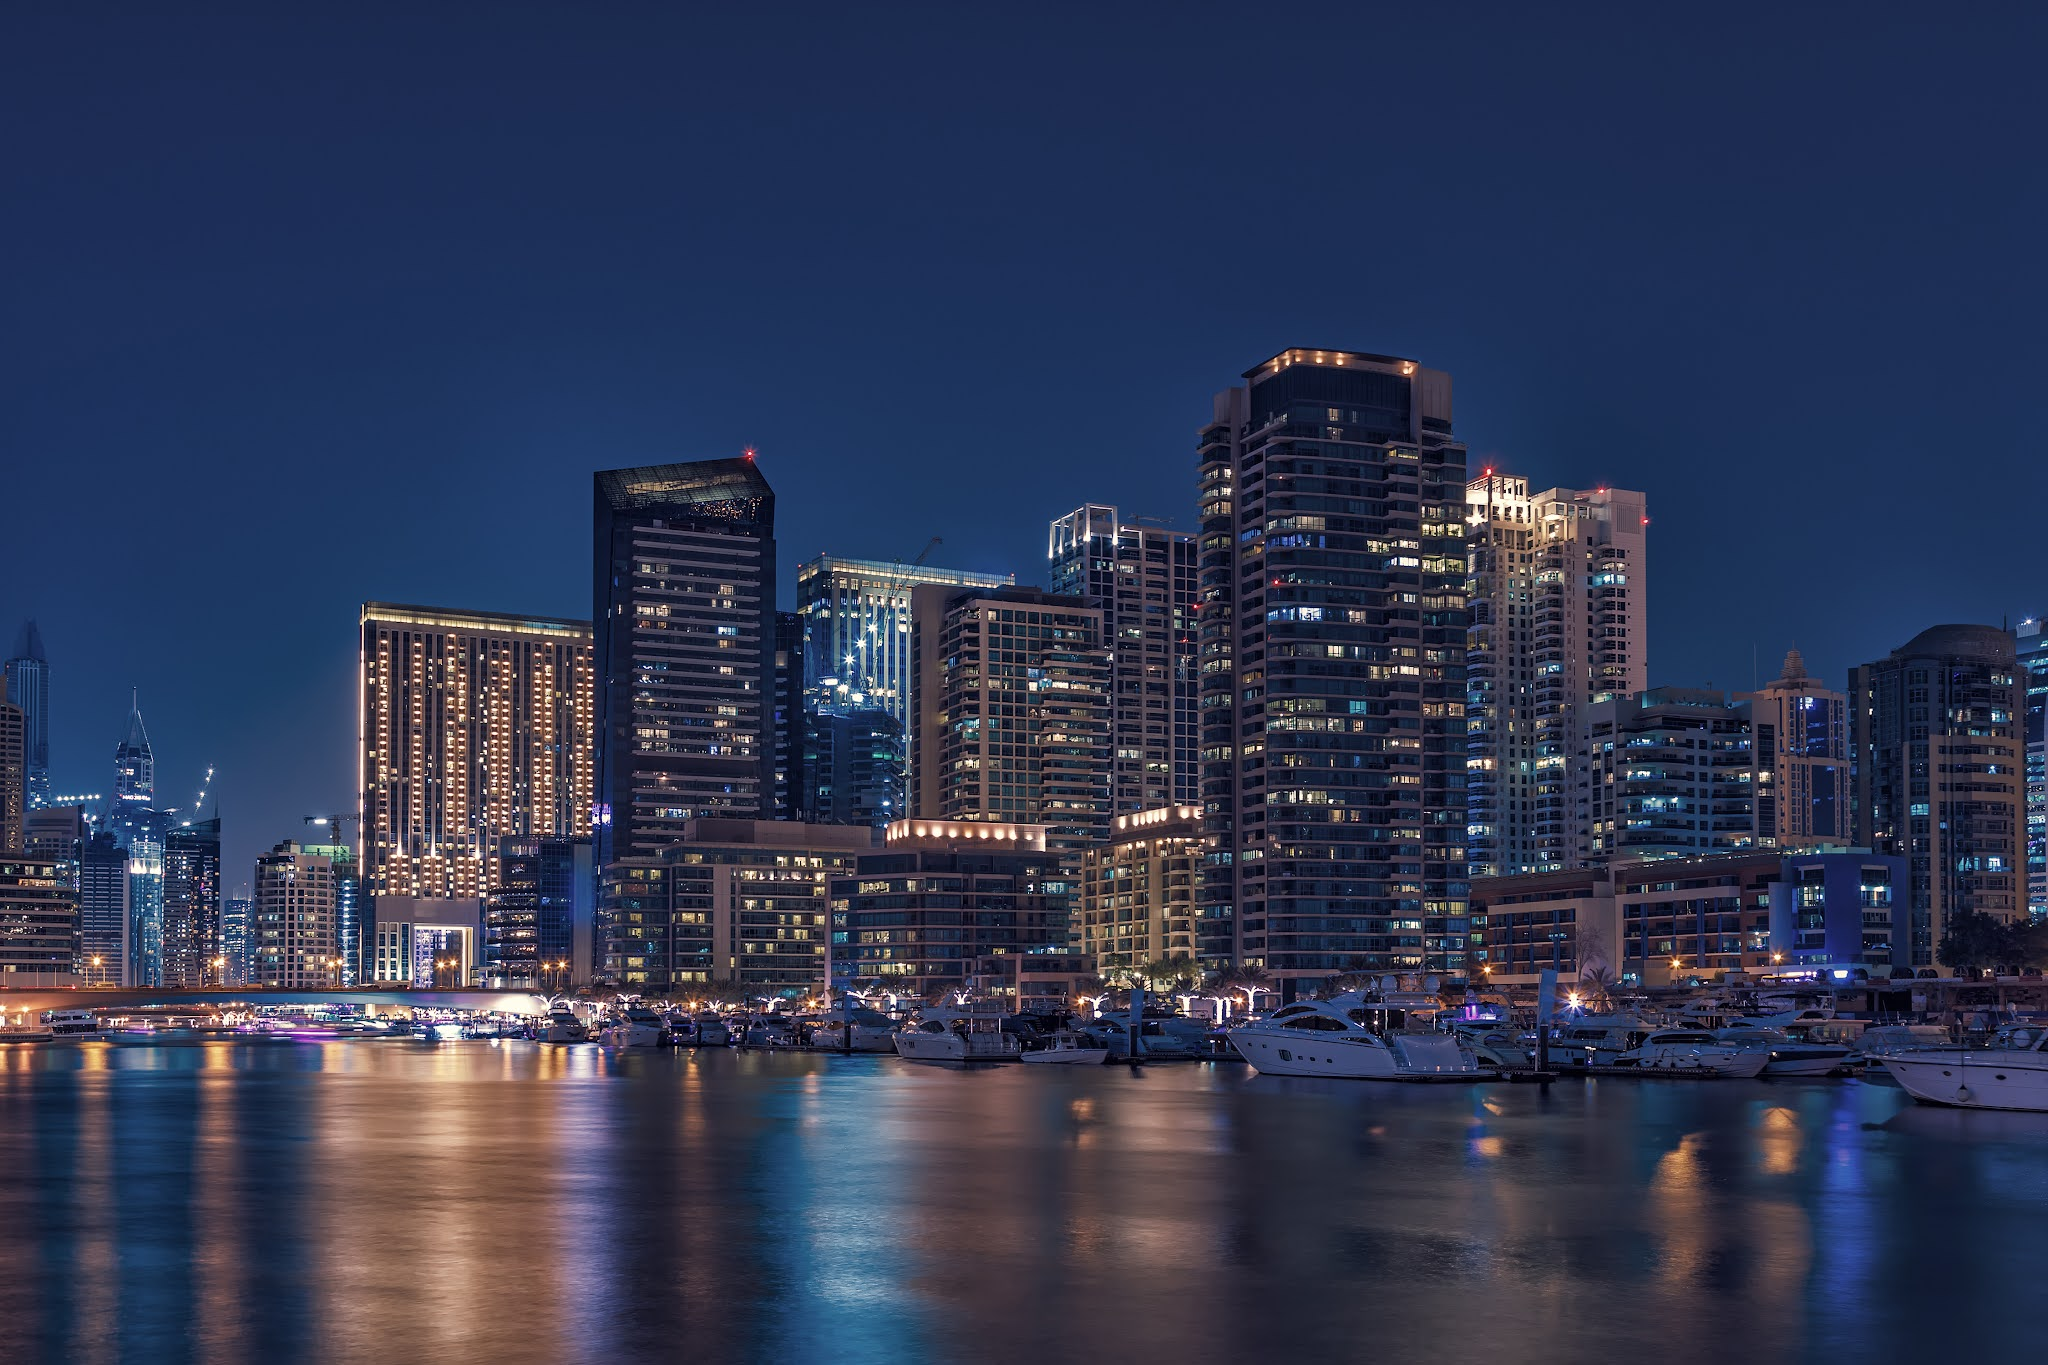 مشروع جديد للتطوير ودعم مكانة دبي  Dubai الرقمية